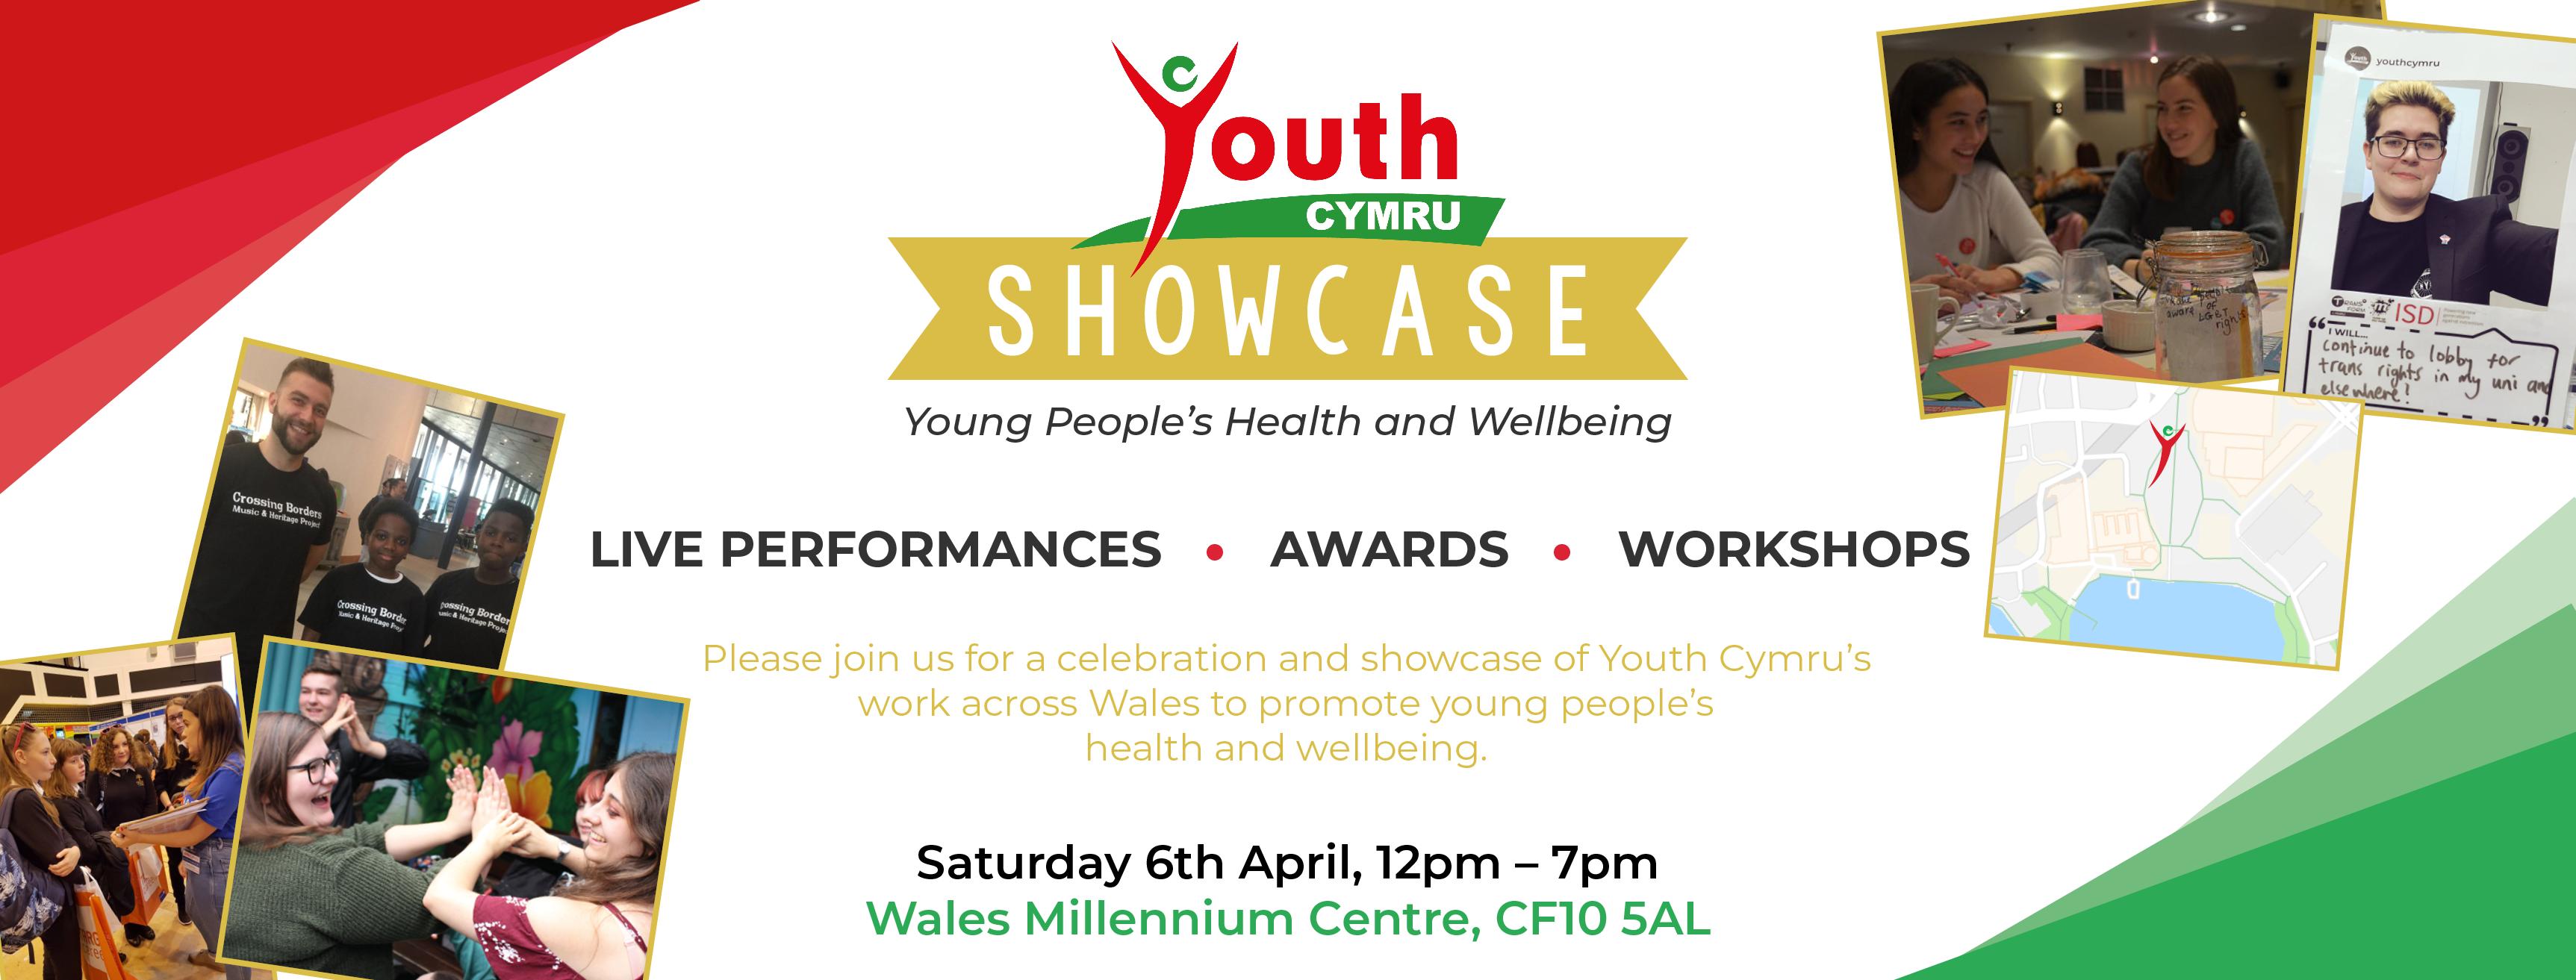 Youth Cymru Showcase 2019